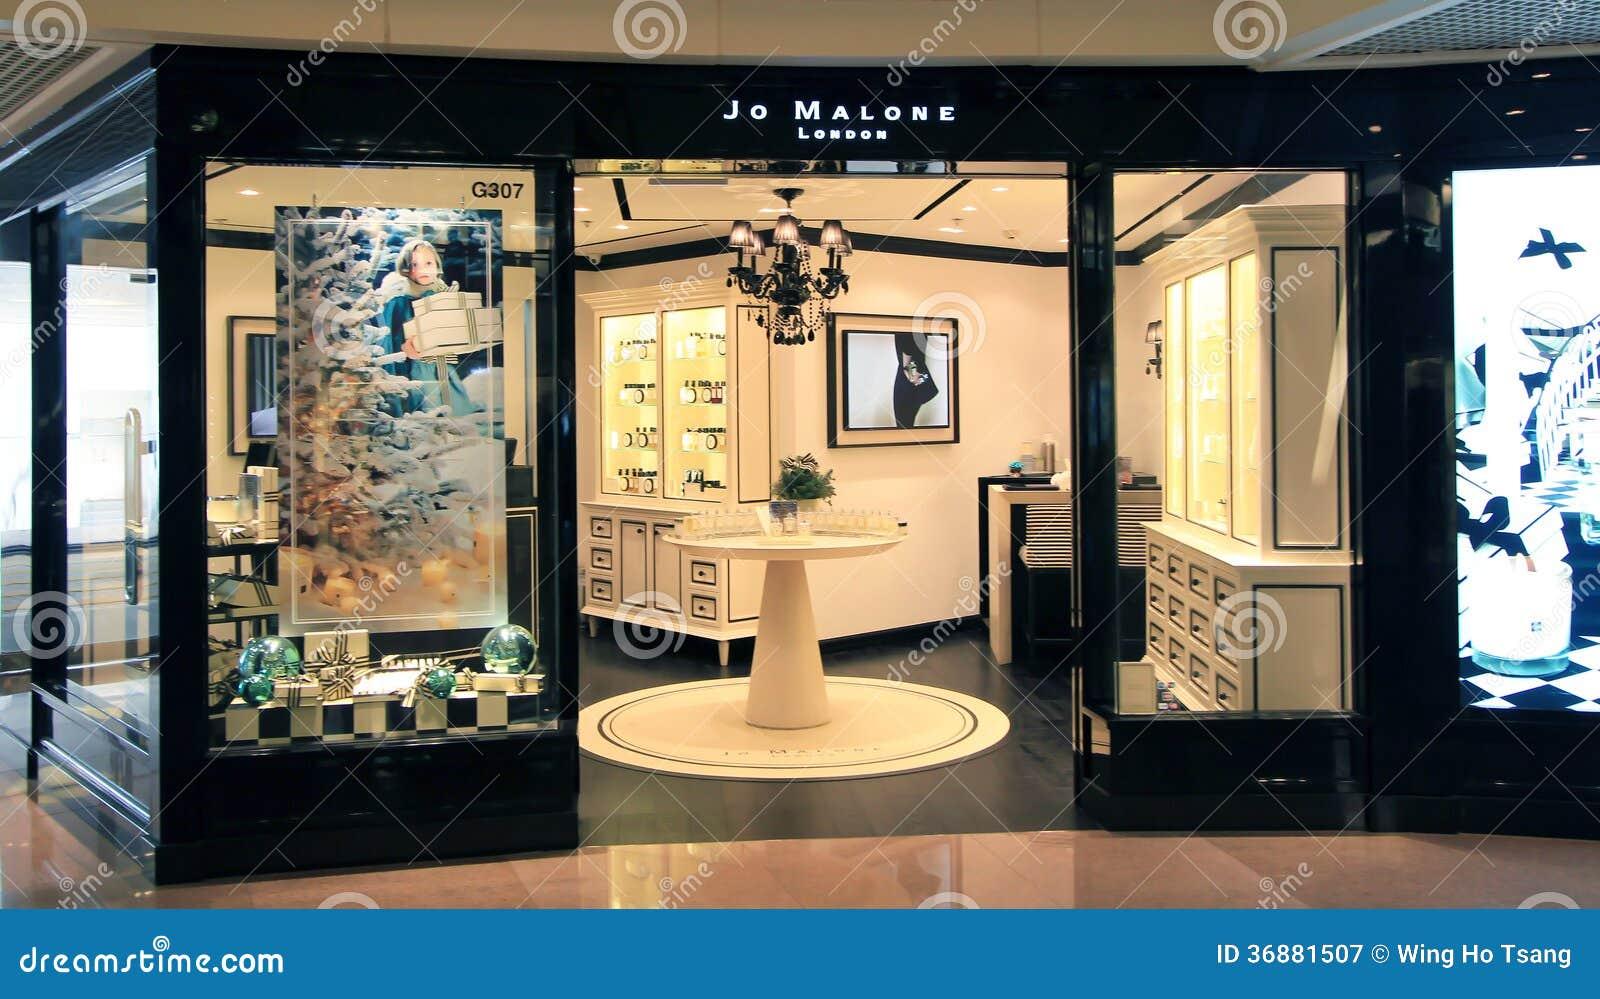 Download Negozio Di Malone Di Jo A Hong Kong Fotografia Editoriale - Immagine di rivenditore, negozio: 36881507